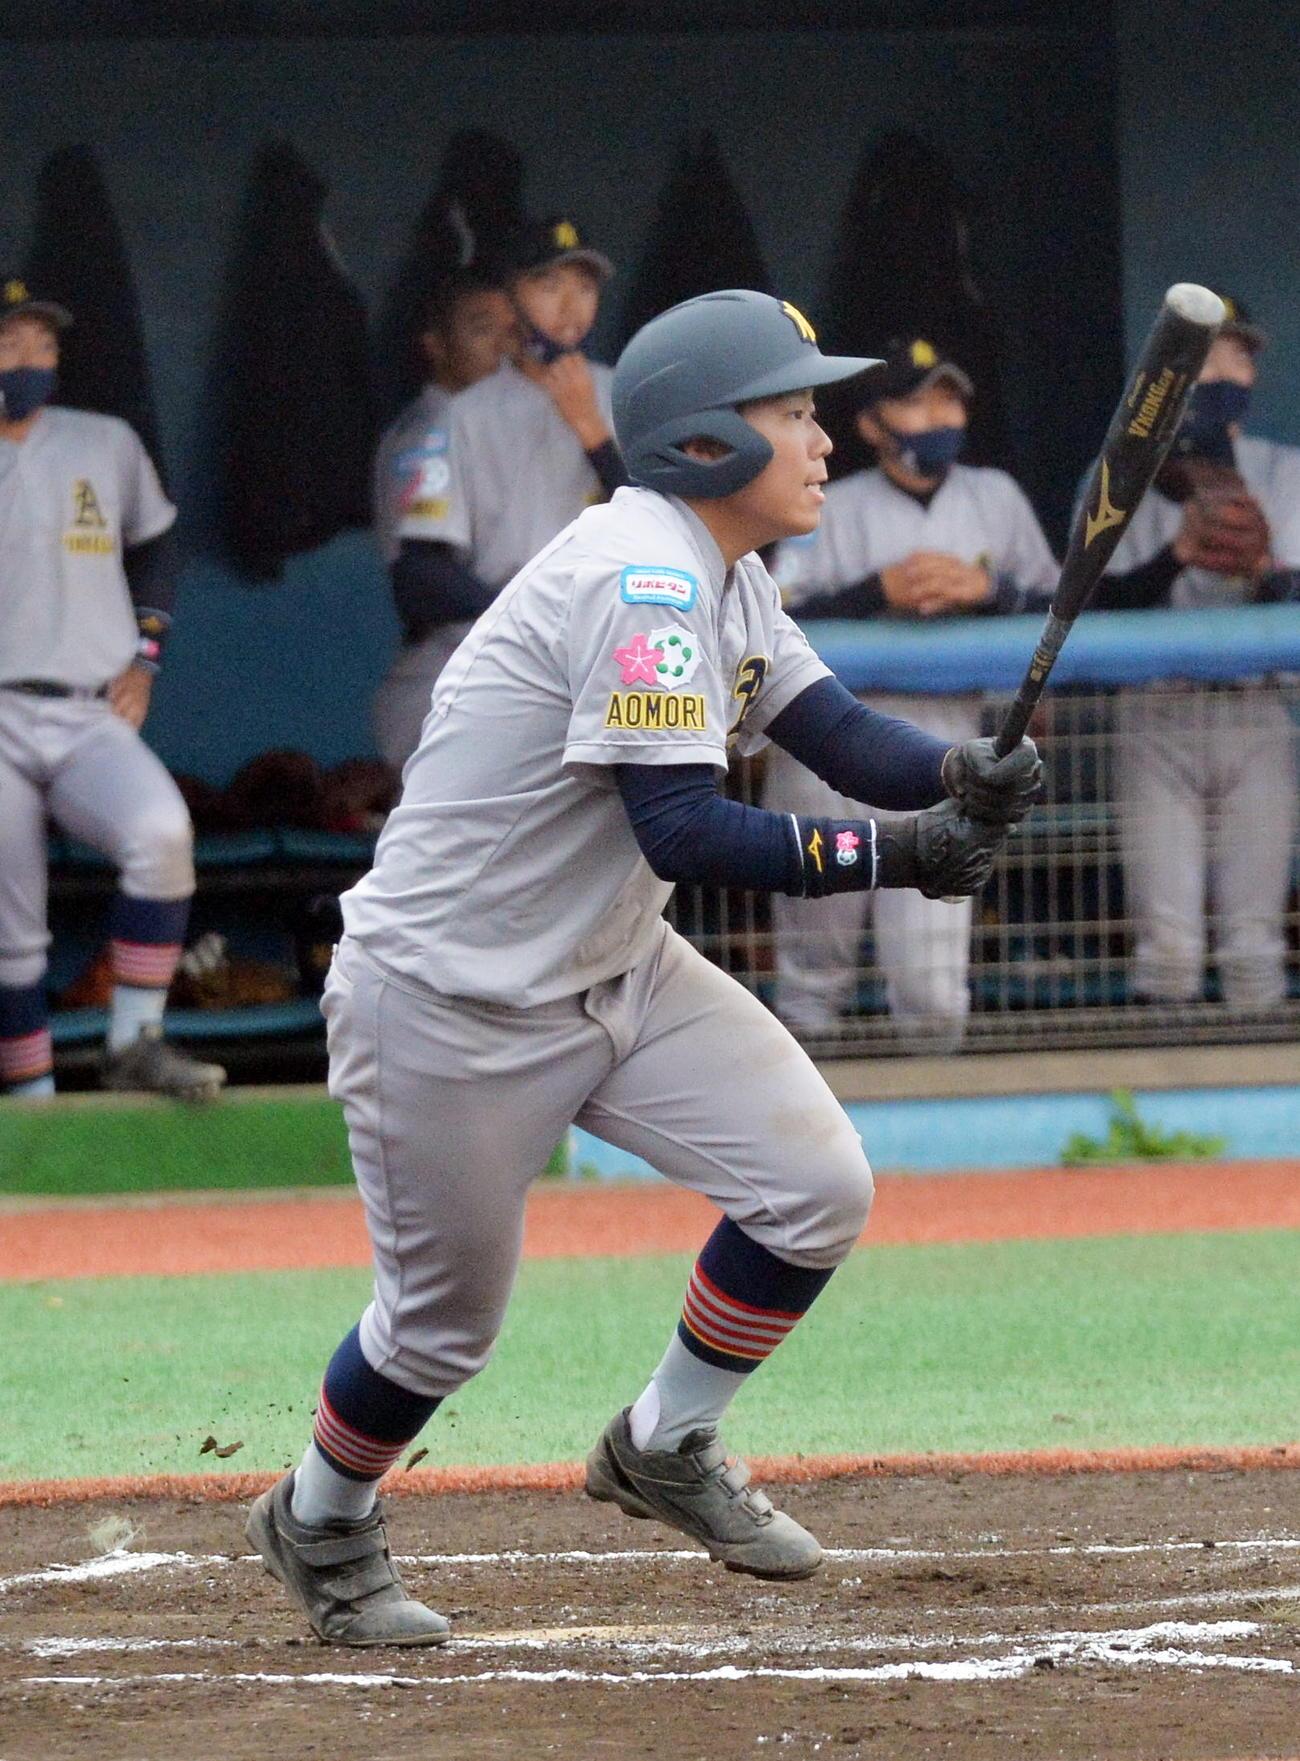 青森山田対東北楽天 5回表青森山田2死満塁、適時二塁打を放つ藤田(撮影・佐藤究)